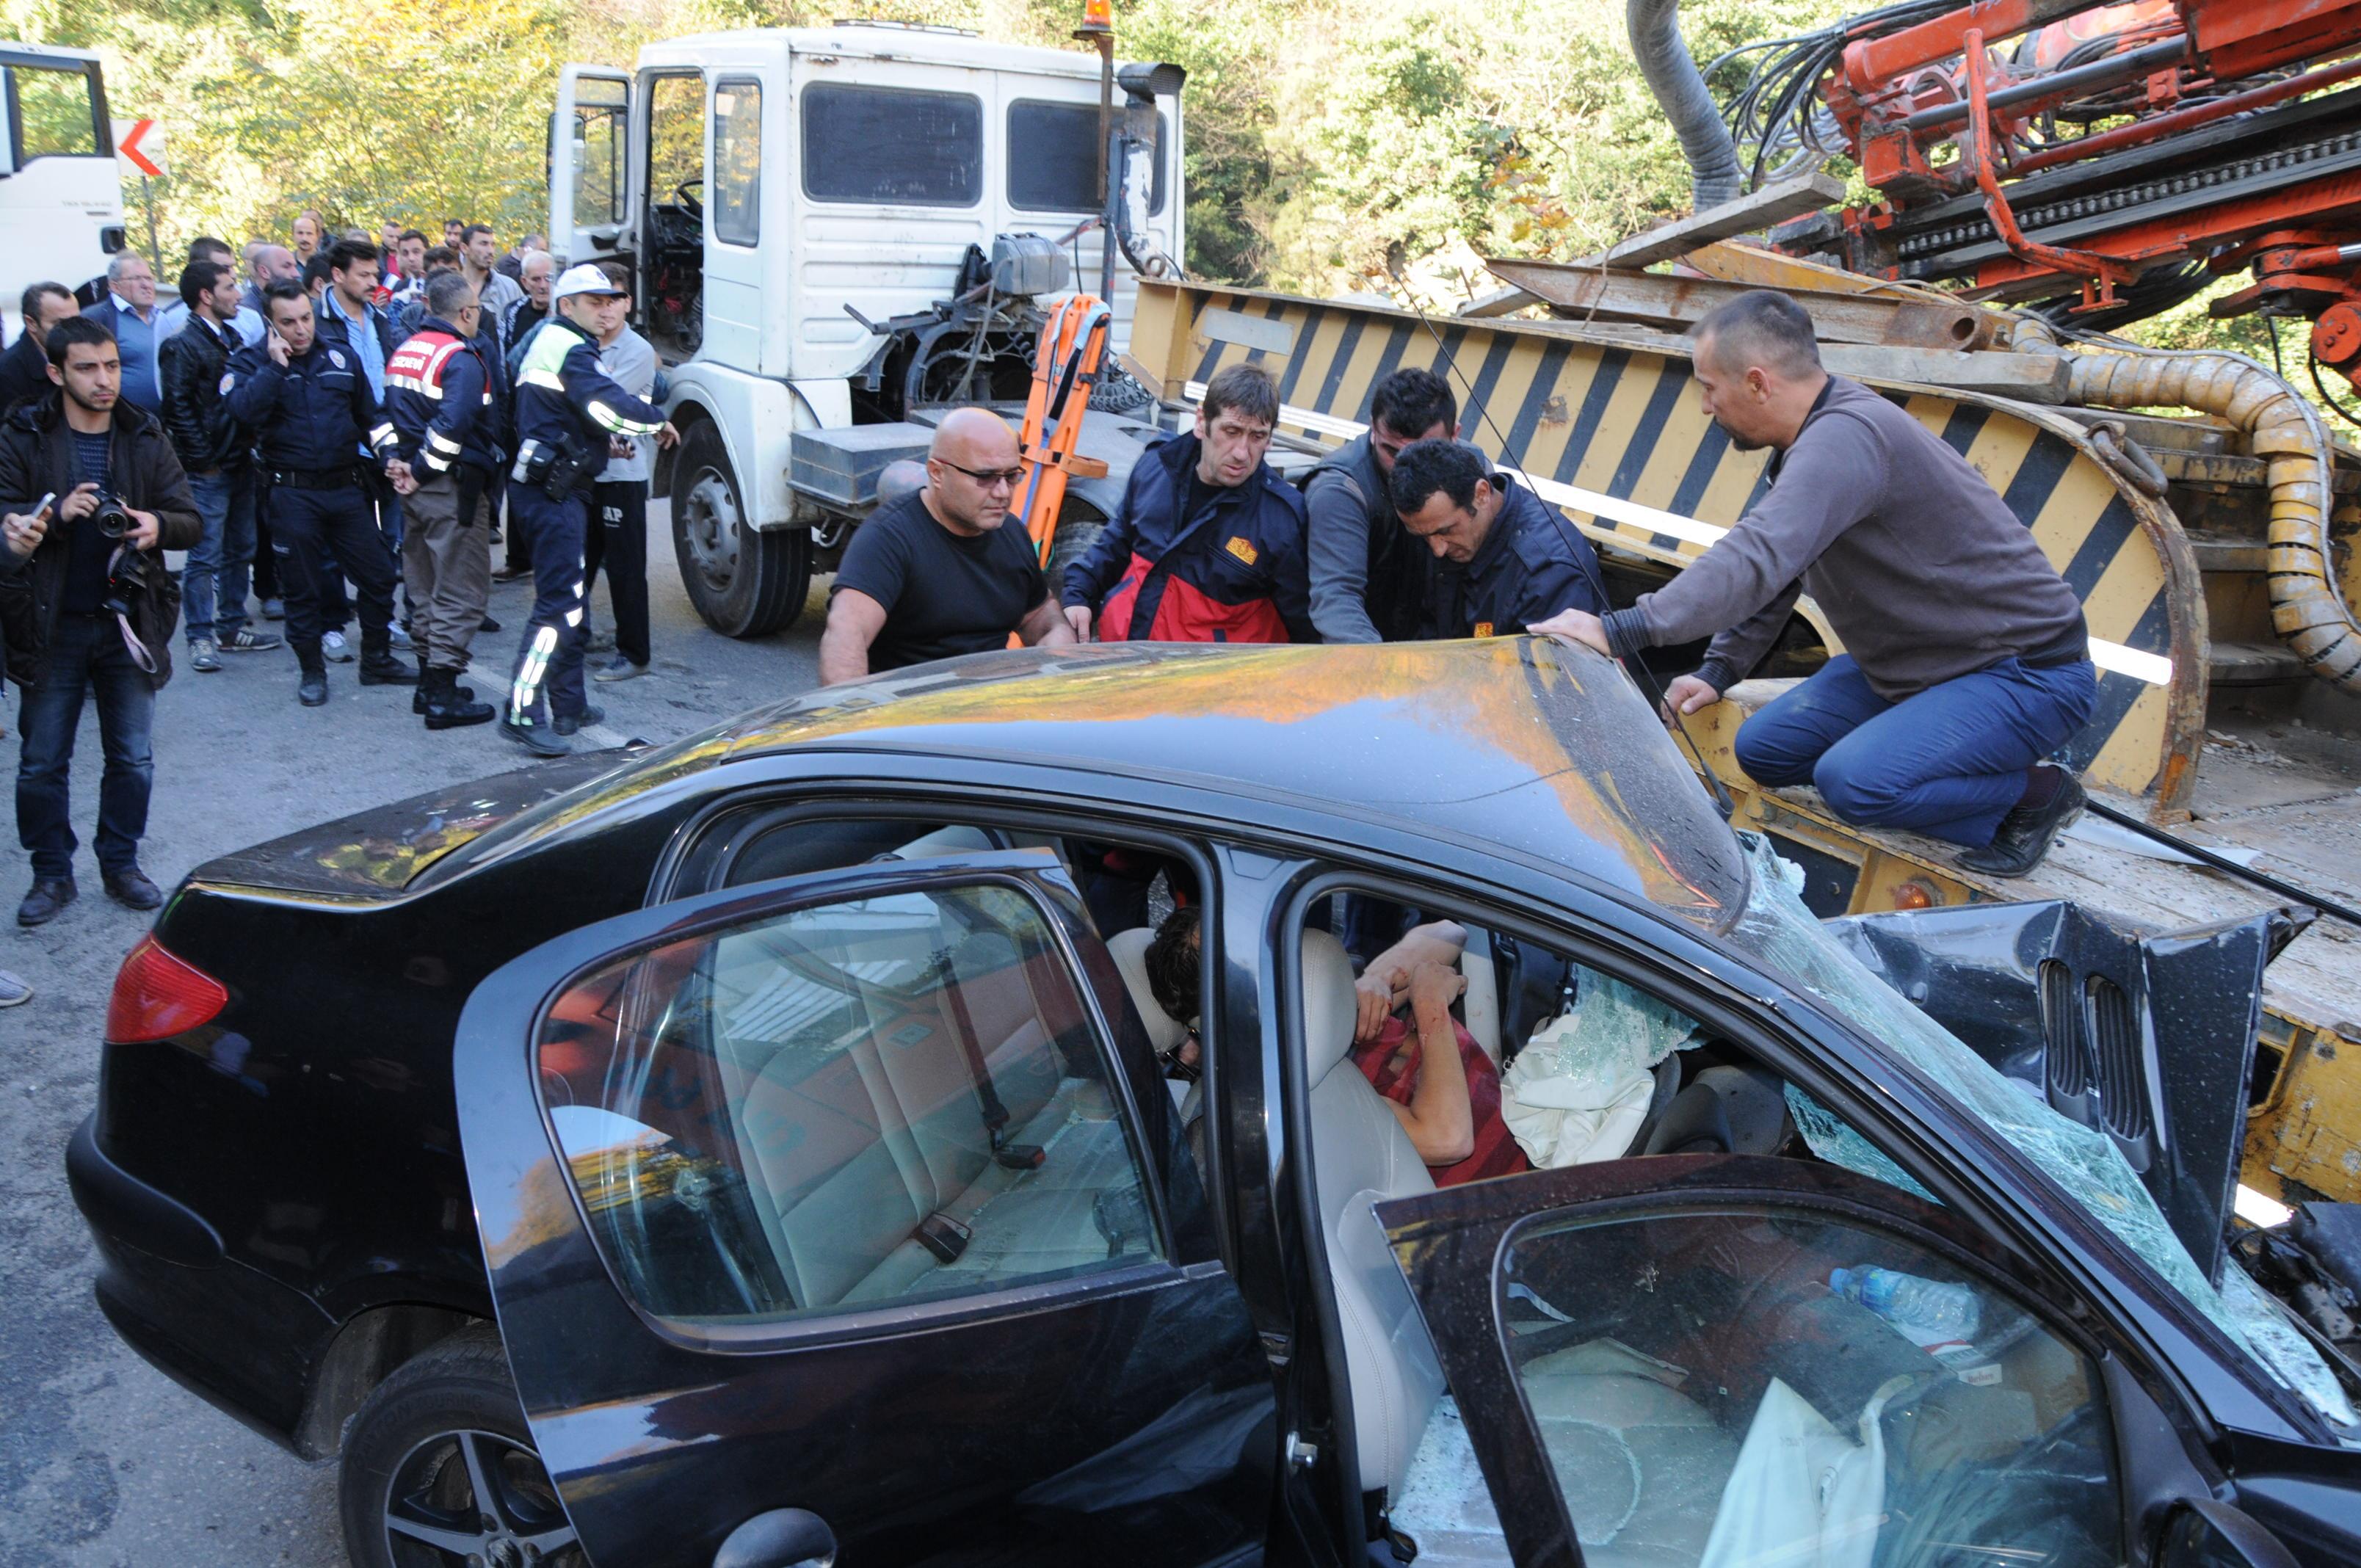 Zonguldak'ta, tırın dorse kısmının altına giren otomobilde sıkışan sürücü, bir saatlik çalışmayla çıkartıldı. ( Selim Bostancı - Anadolu Ajansı )